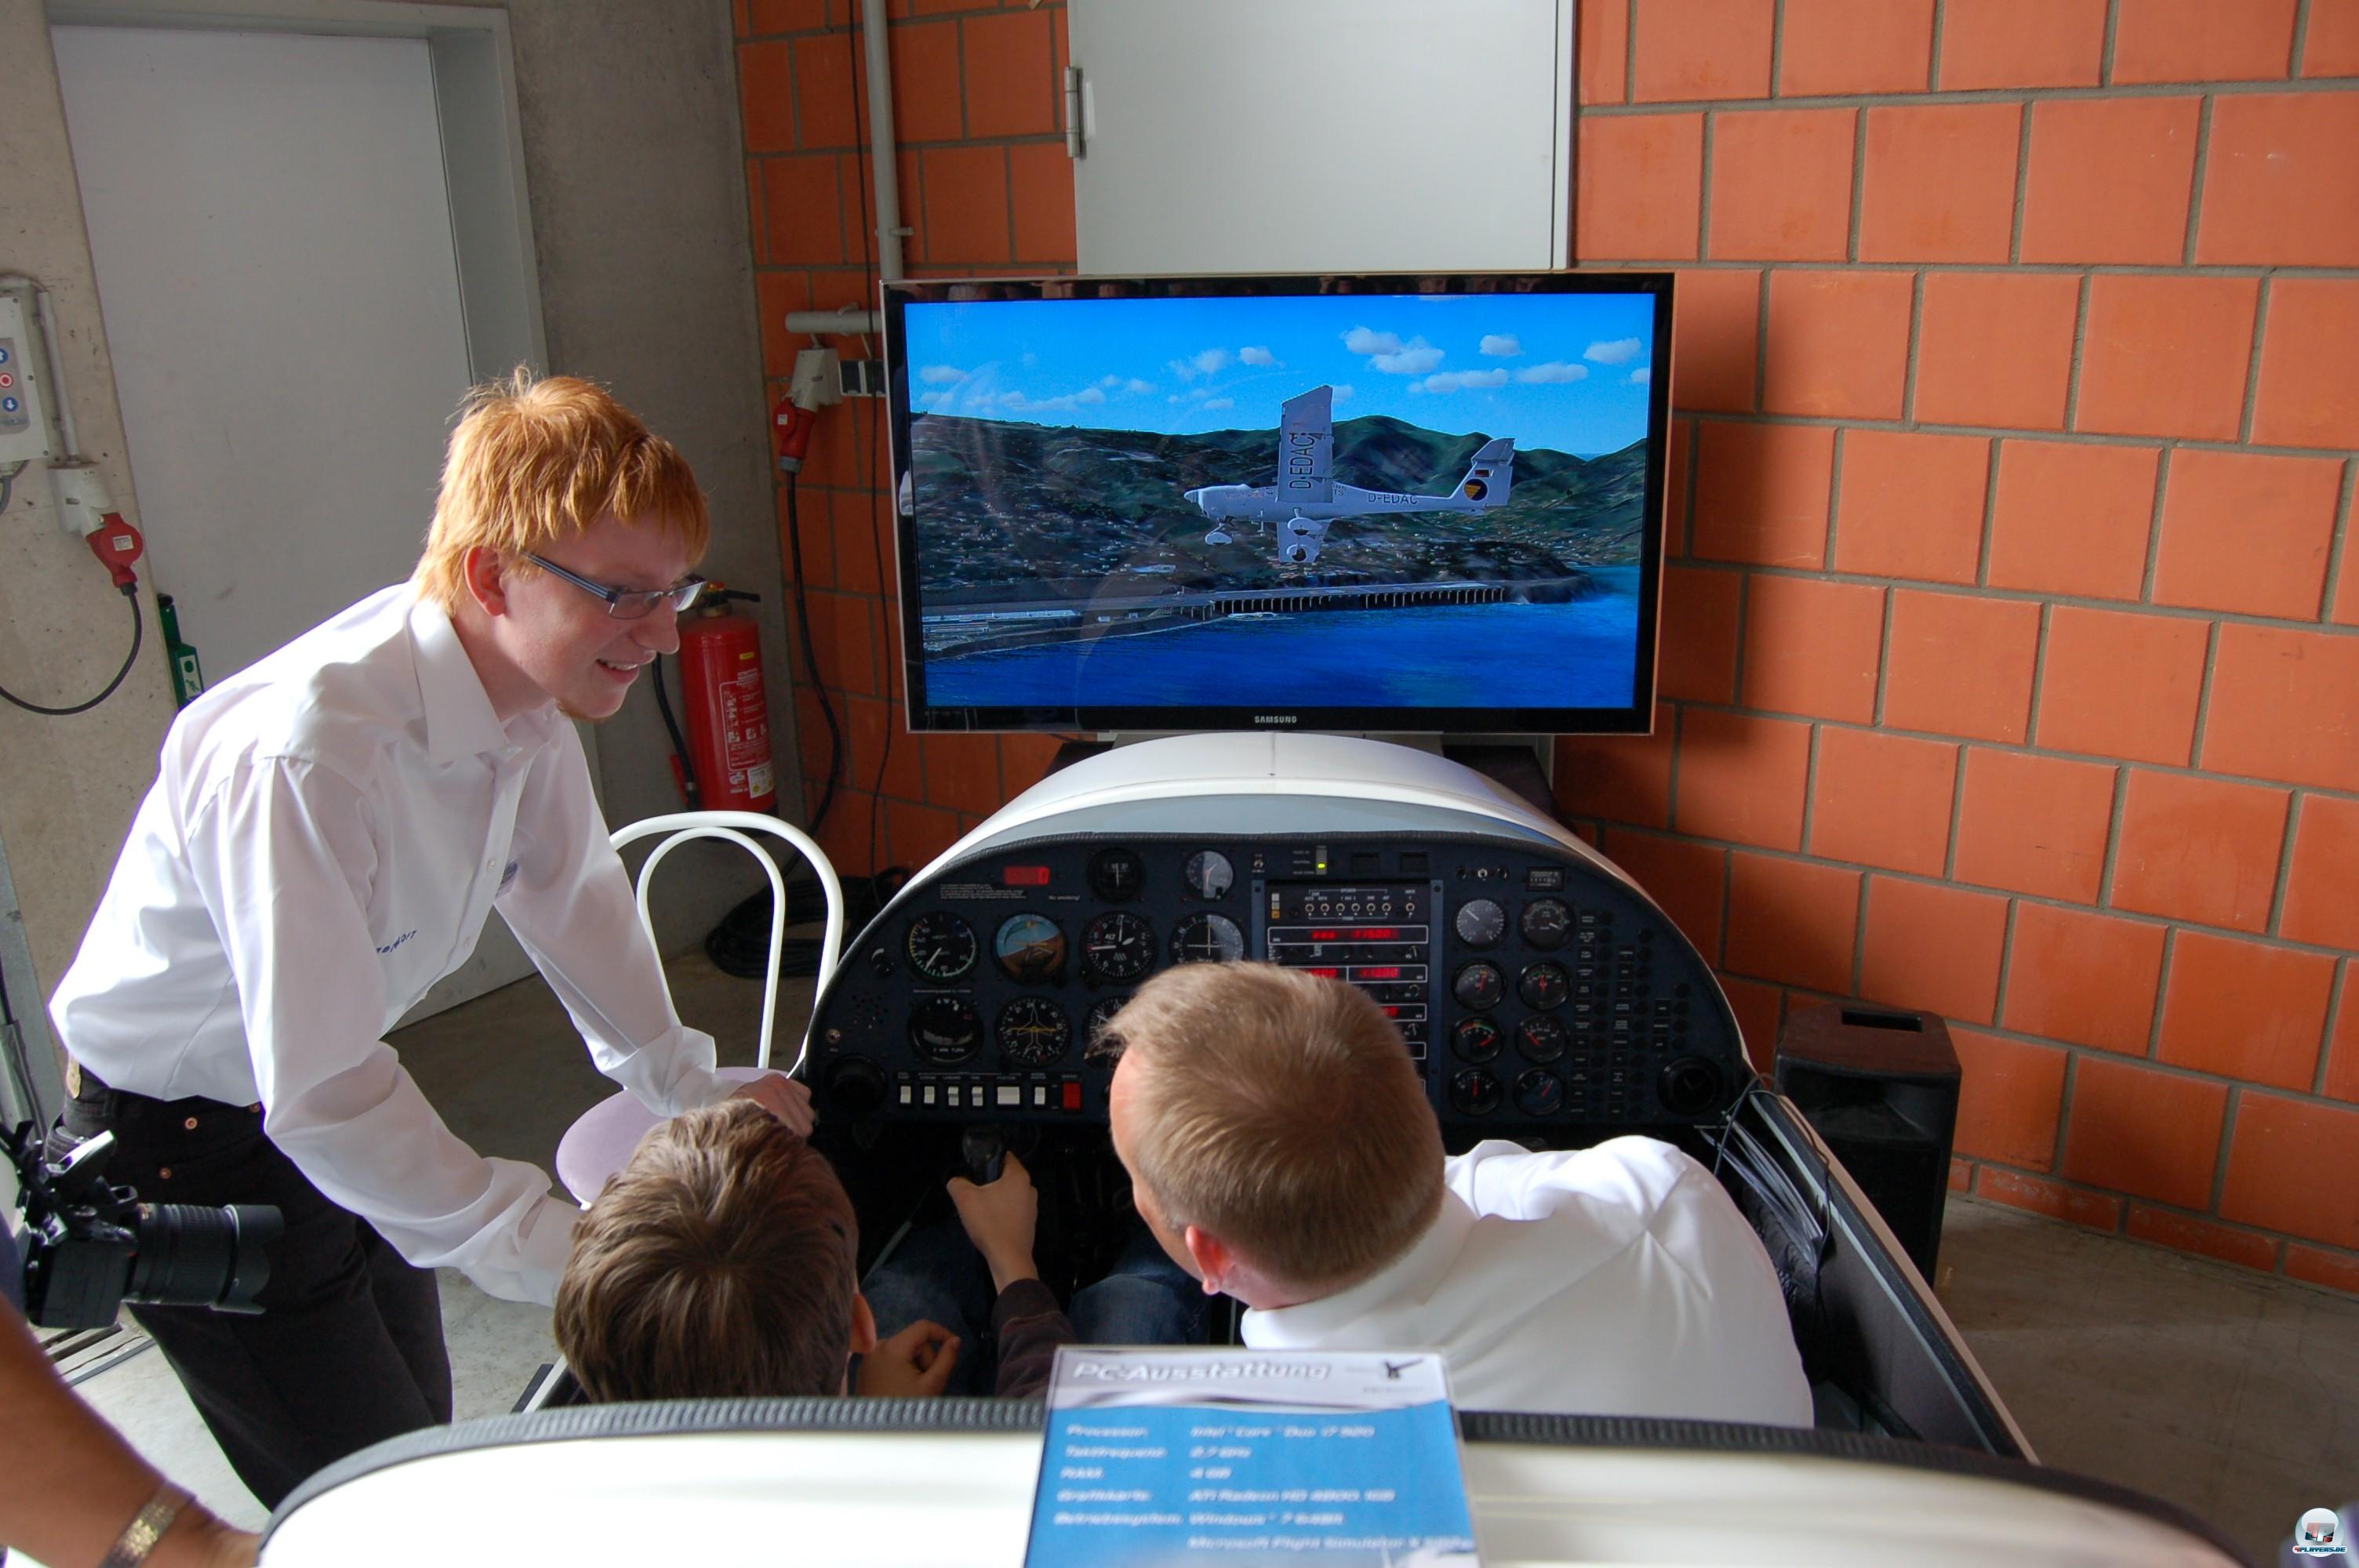 Bestenfalls aber in einem exakt nachgebildeten Cockpit mit funktionstüchtigen Armaturen!